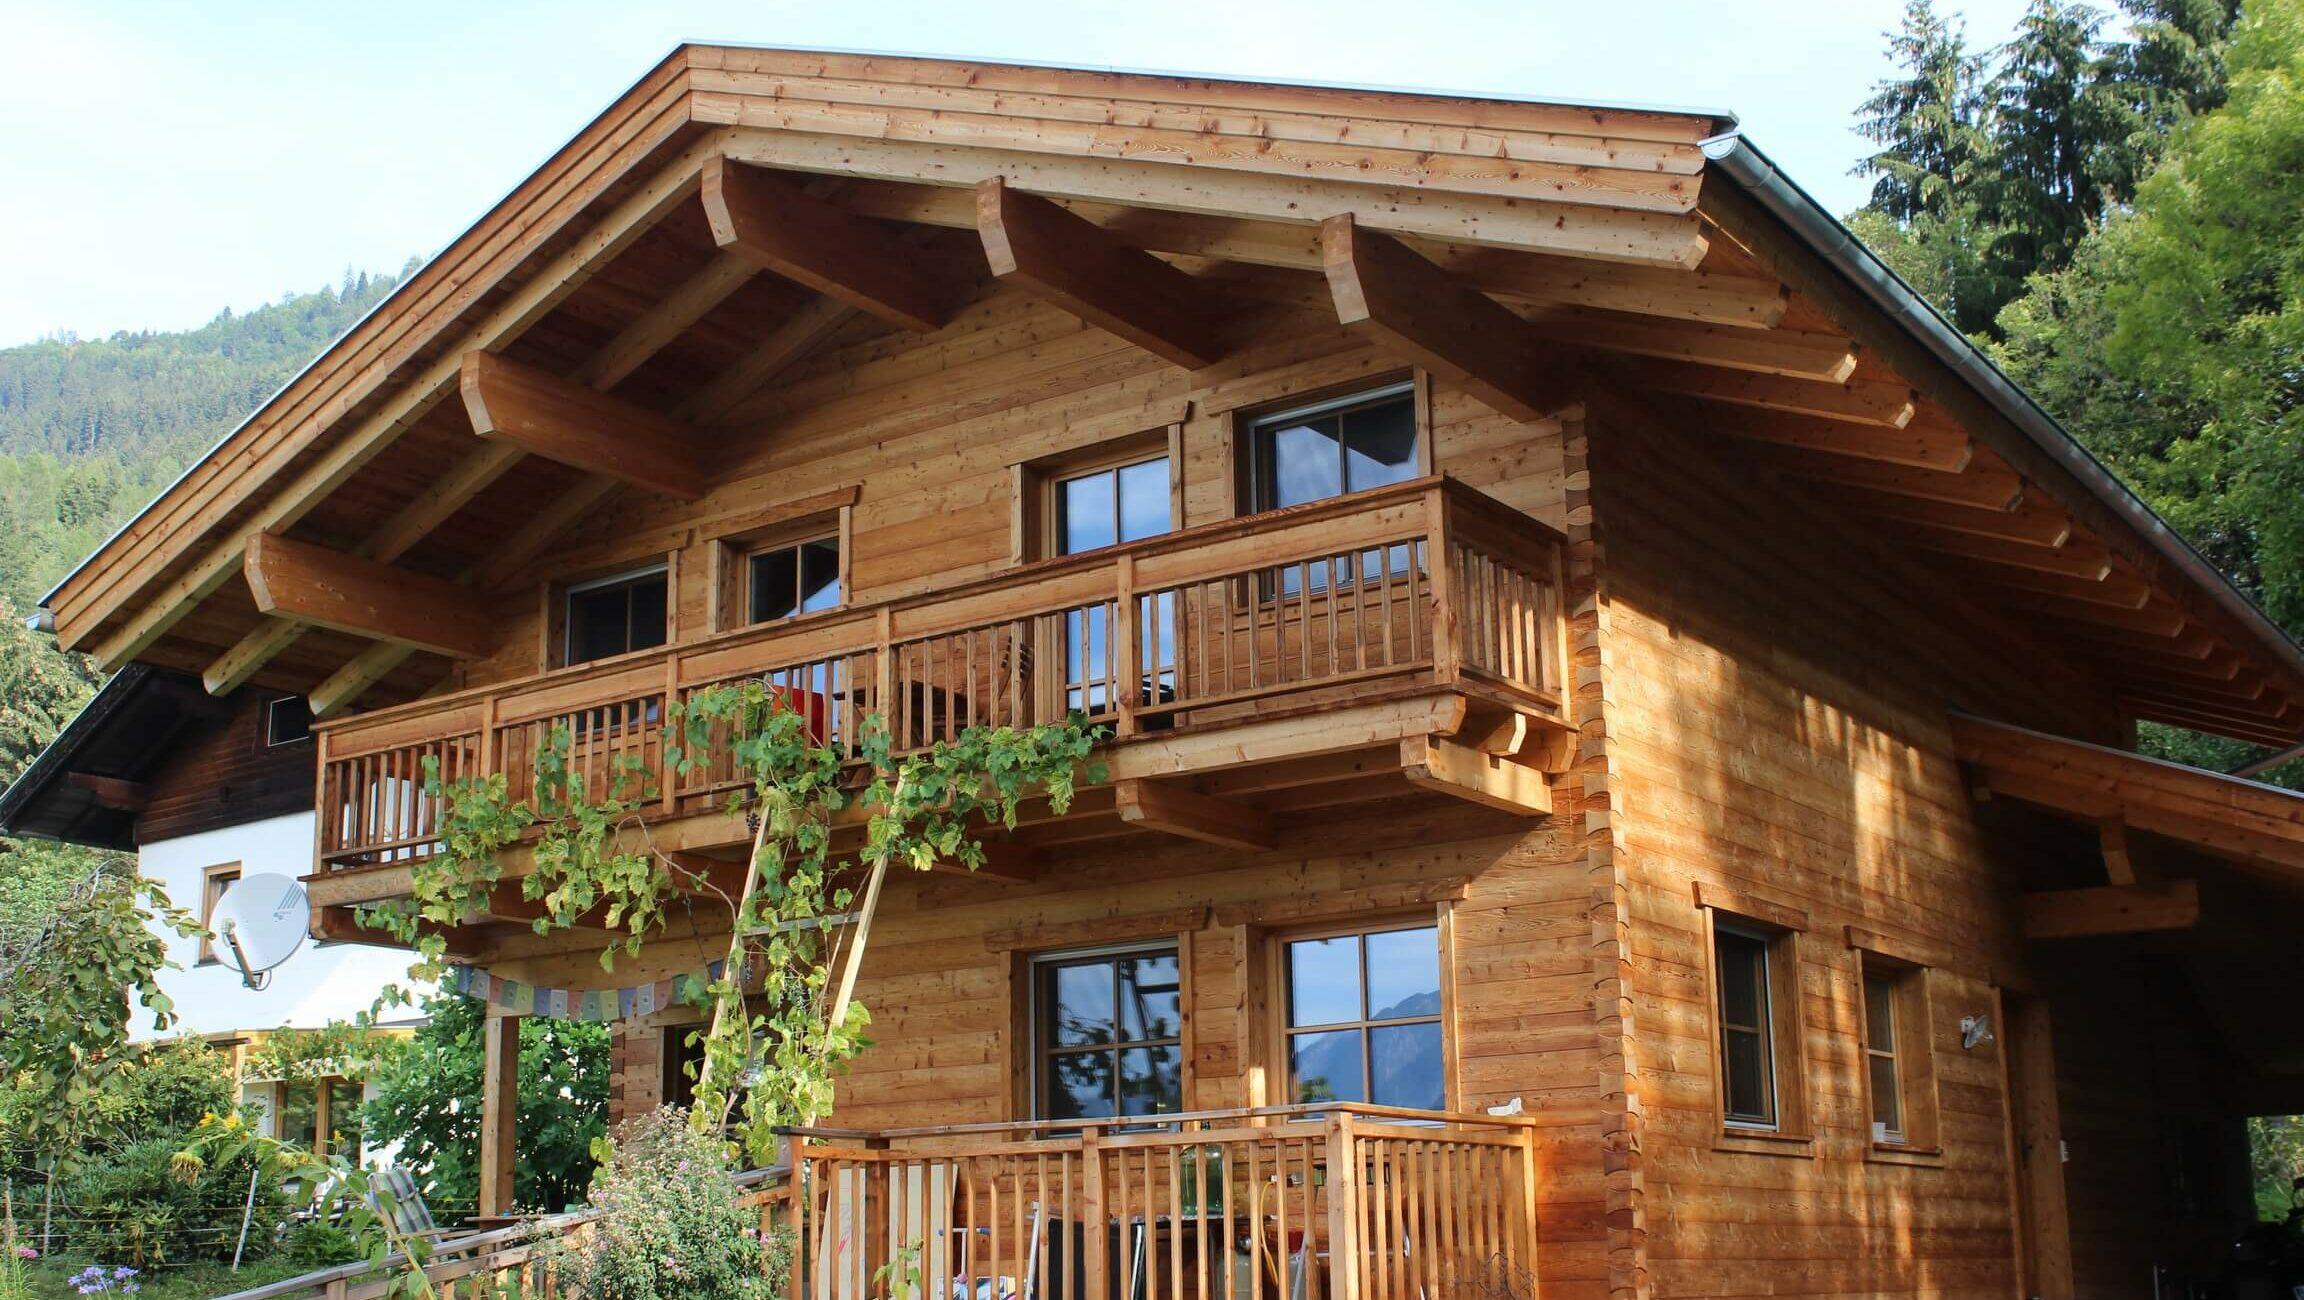 Holzbau-Unterrainer-Einfamilienhaus-01-14